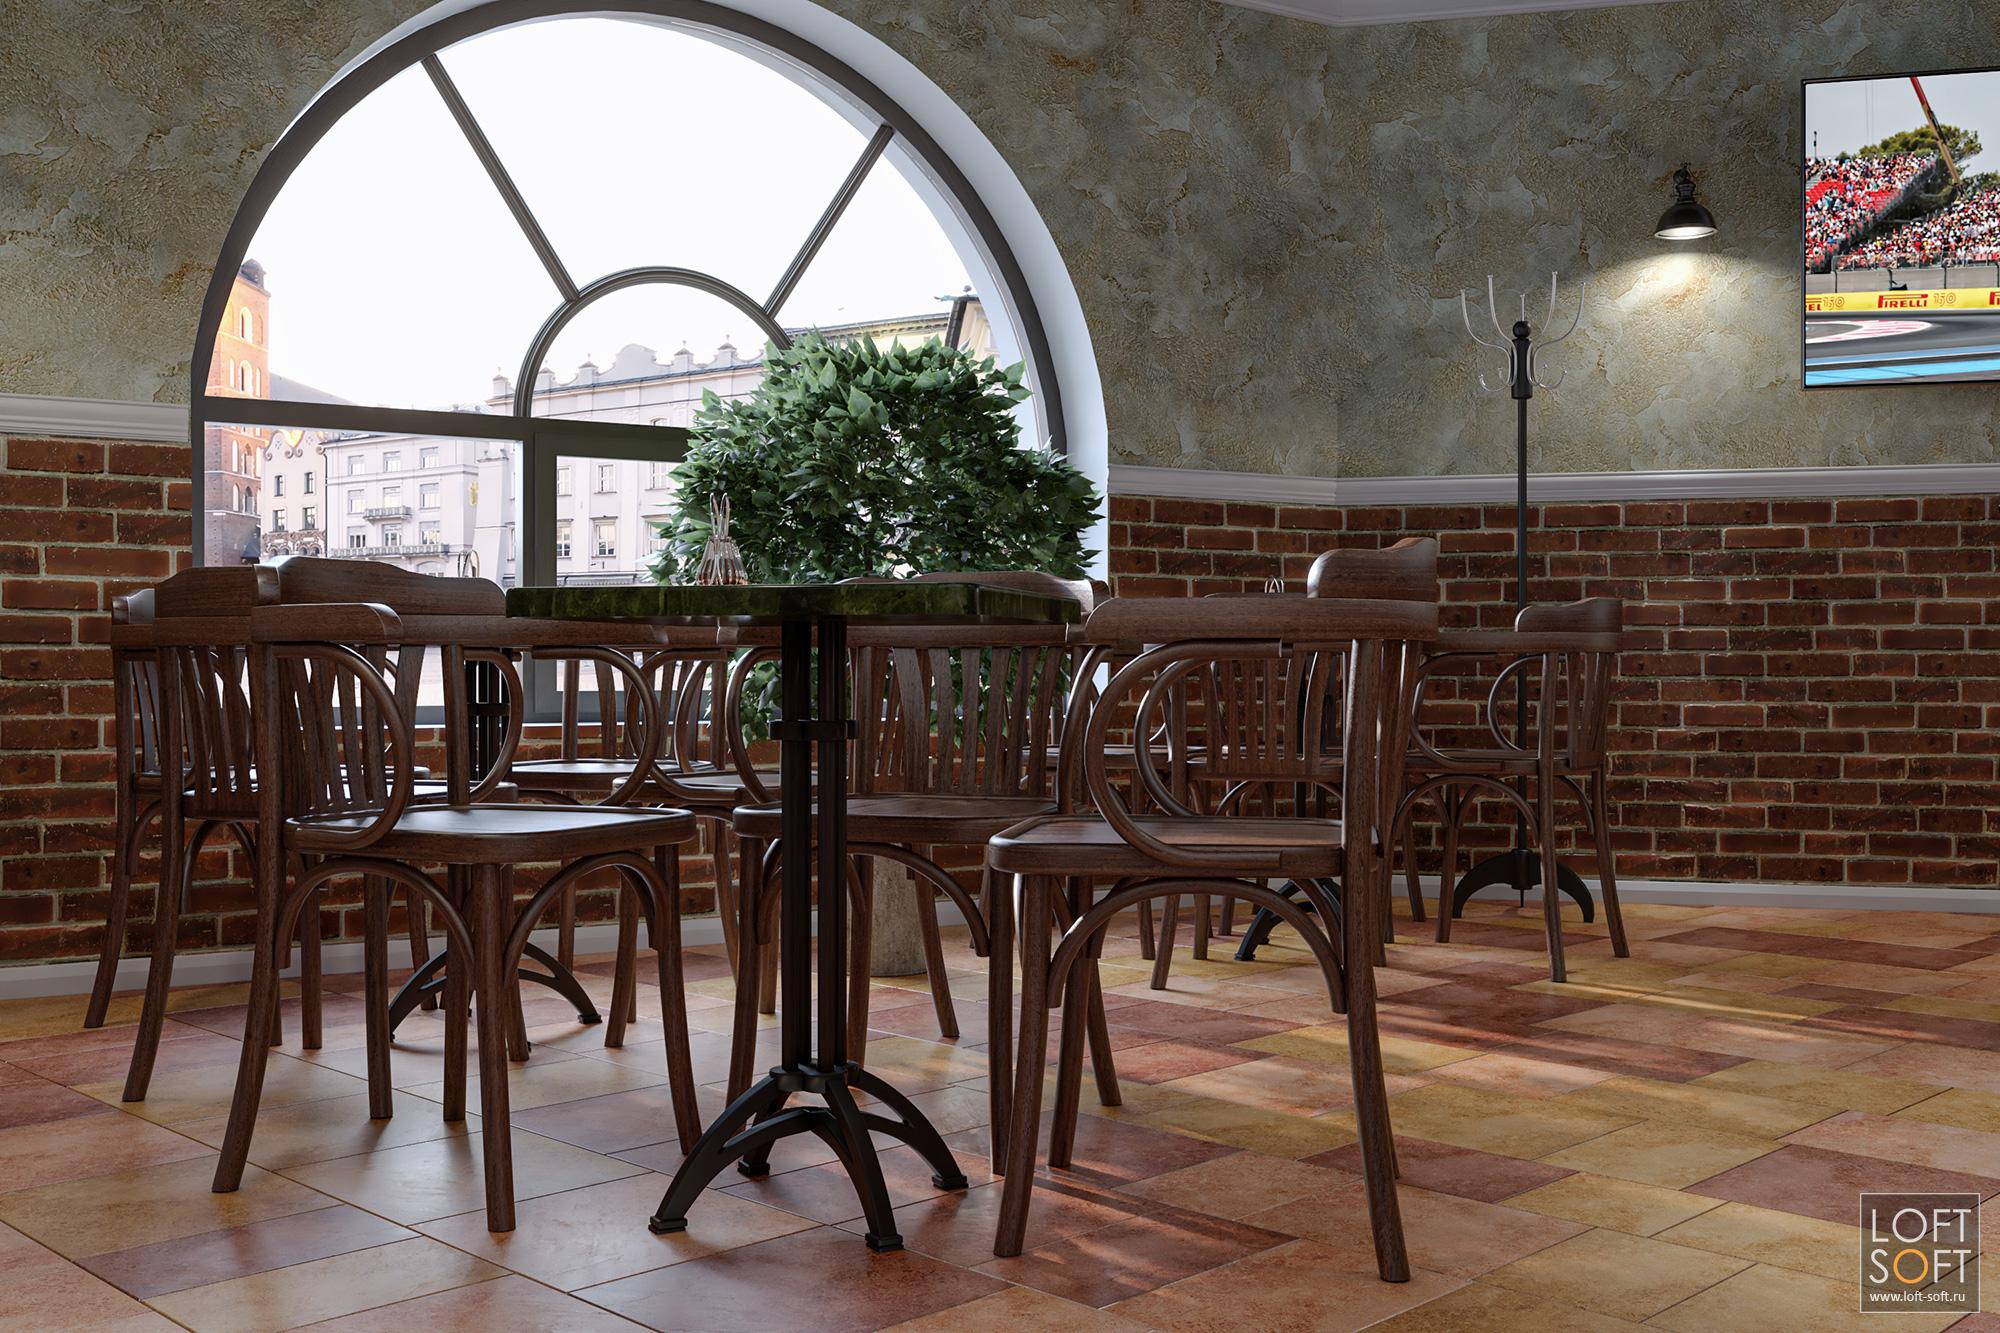 Радиальное окно винтерьере. Дизайн кафе-ресторана.